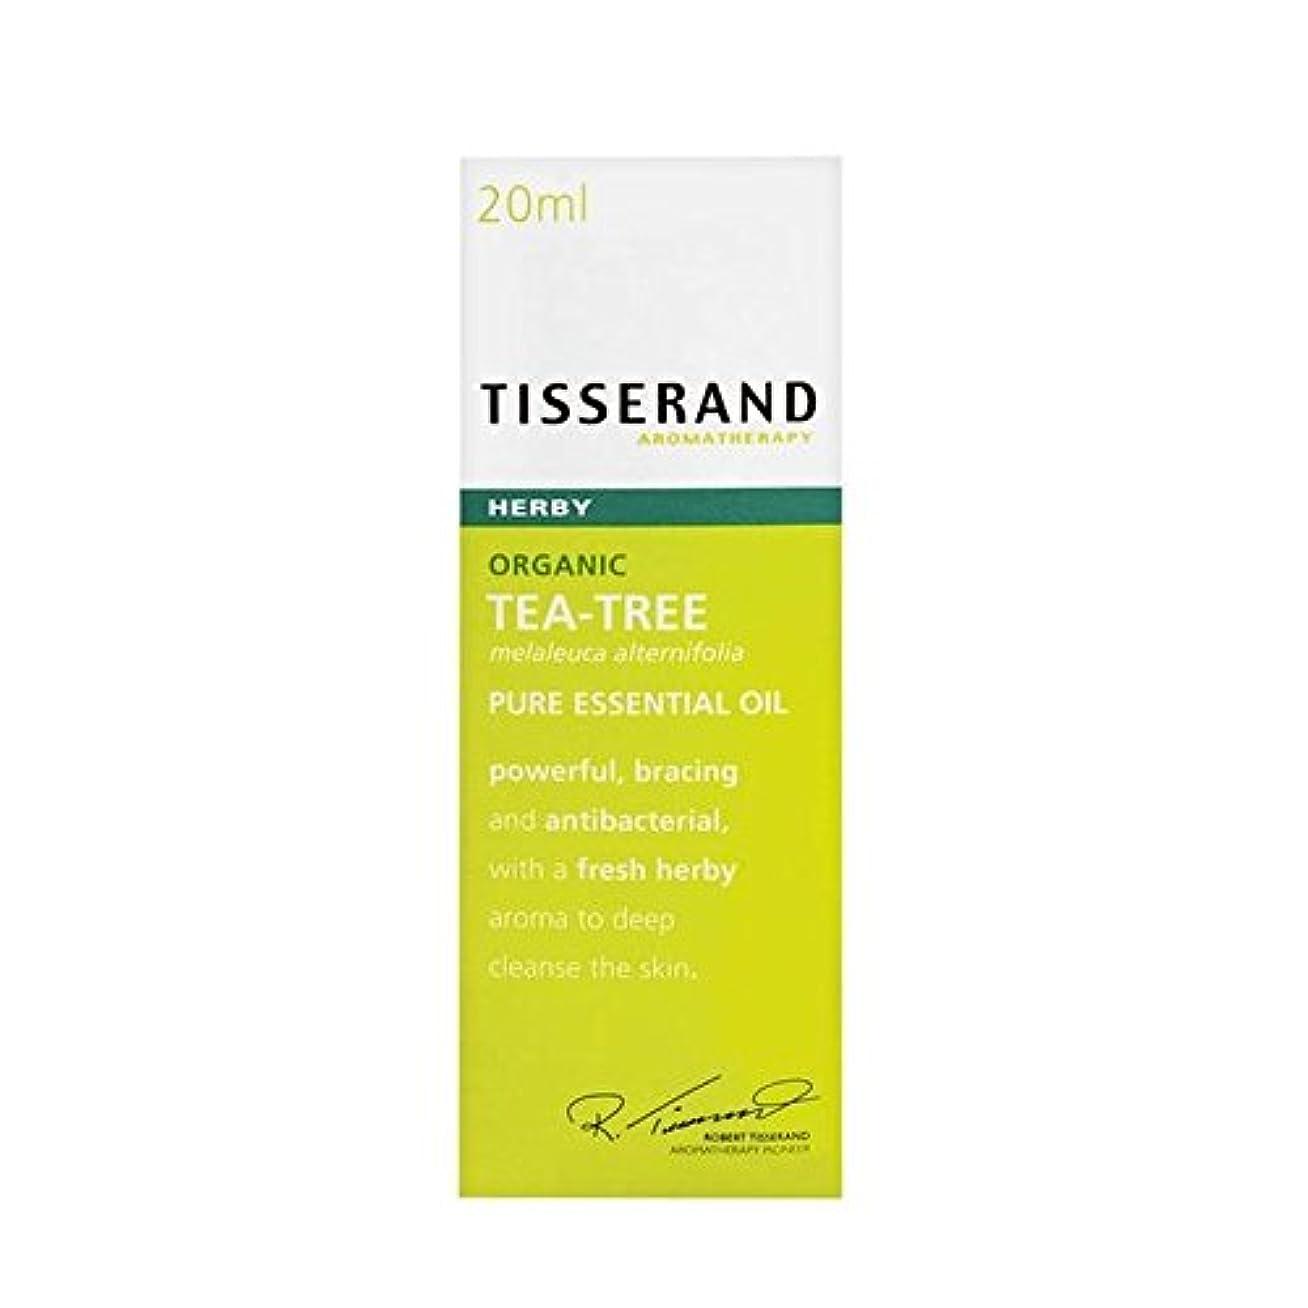 廊下到着文ティスランドティーツリーオーガニックピュアエッセンシャルオイル20ミリリットル x4 - Tisserand Tea Tree Organic Pure Essential Oil 20ml (Pack of 4) [並行輸入品]